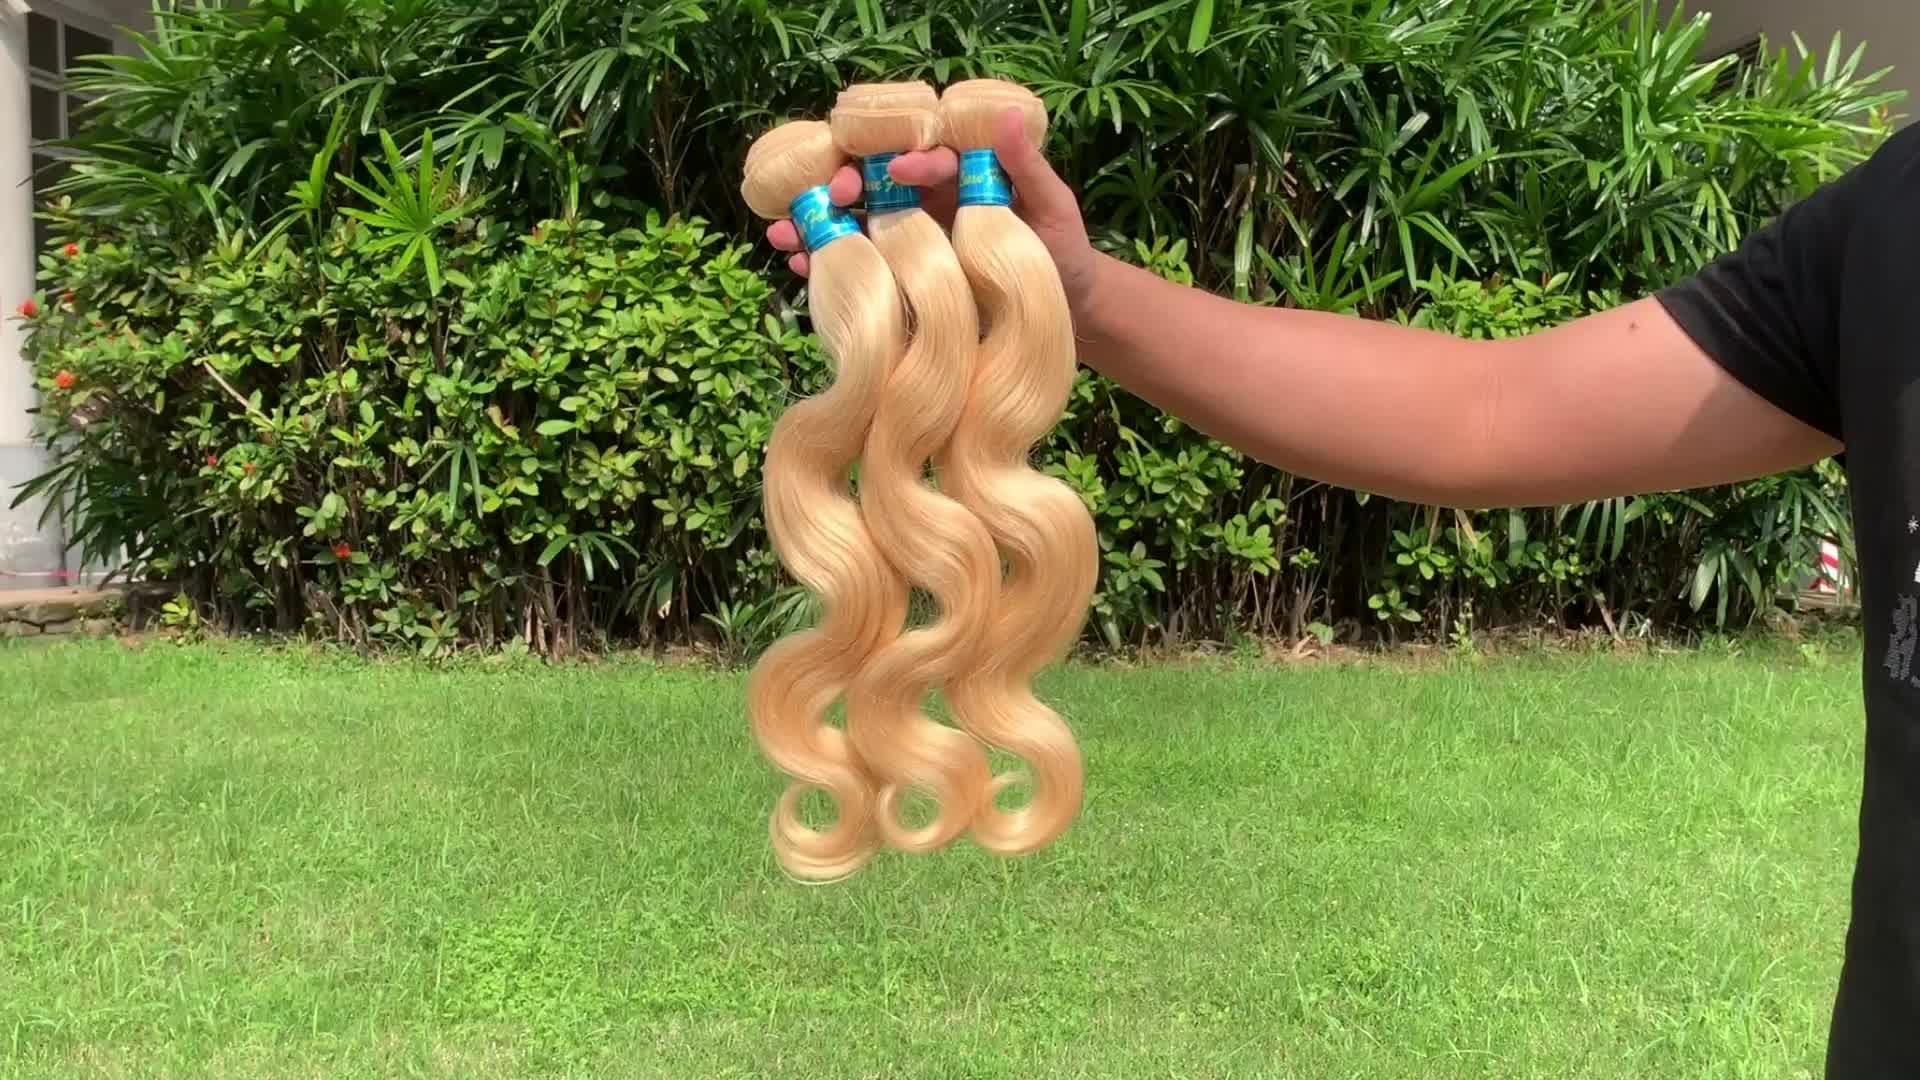 Luxefame Wholesale 613 Cuticle Aligned Virgin Hair,Russian Blonde Virgin Human Hair Bundle,613 Blonde Hair Weave